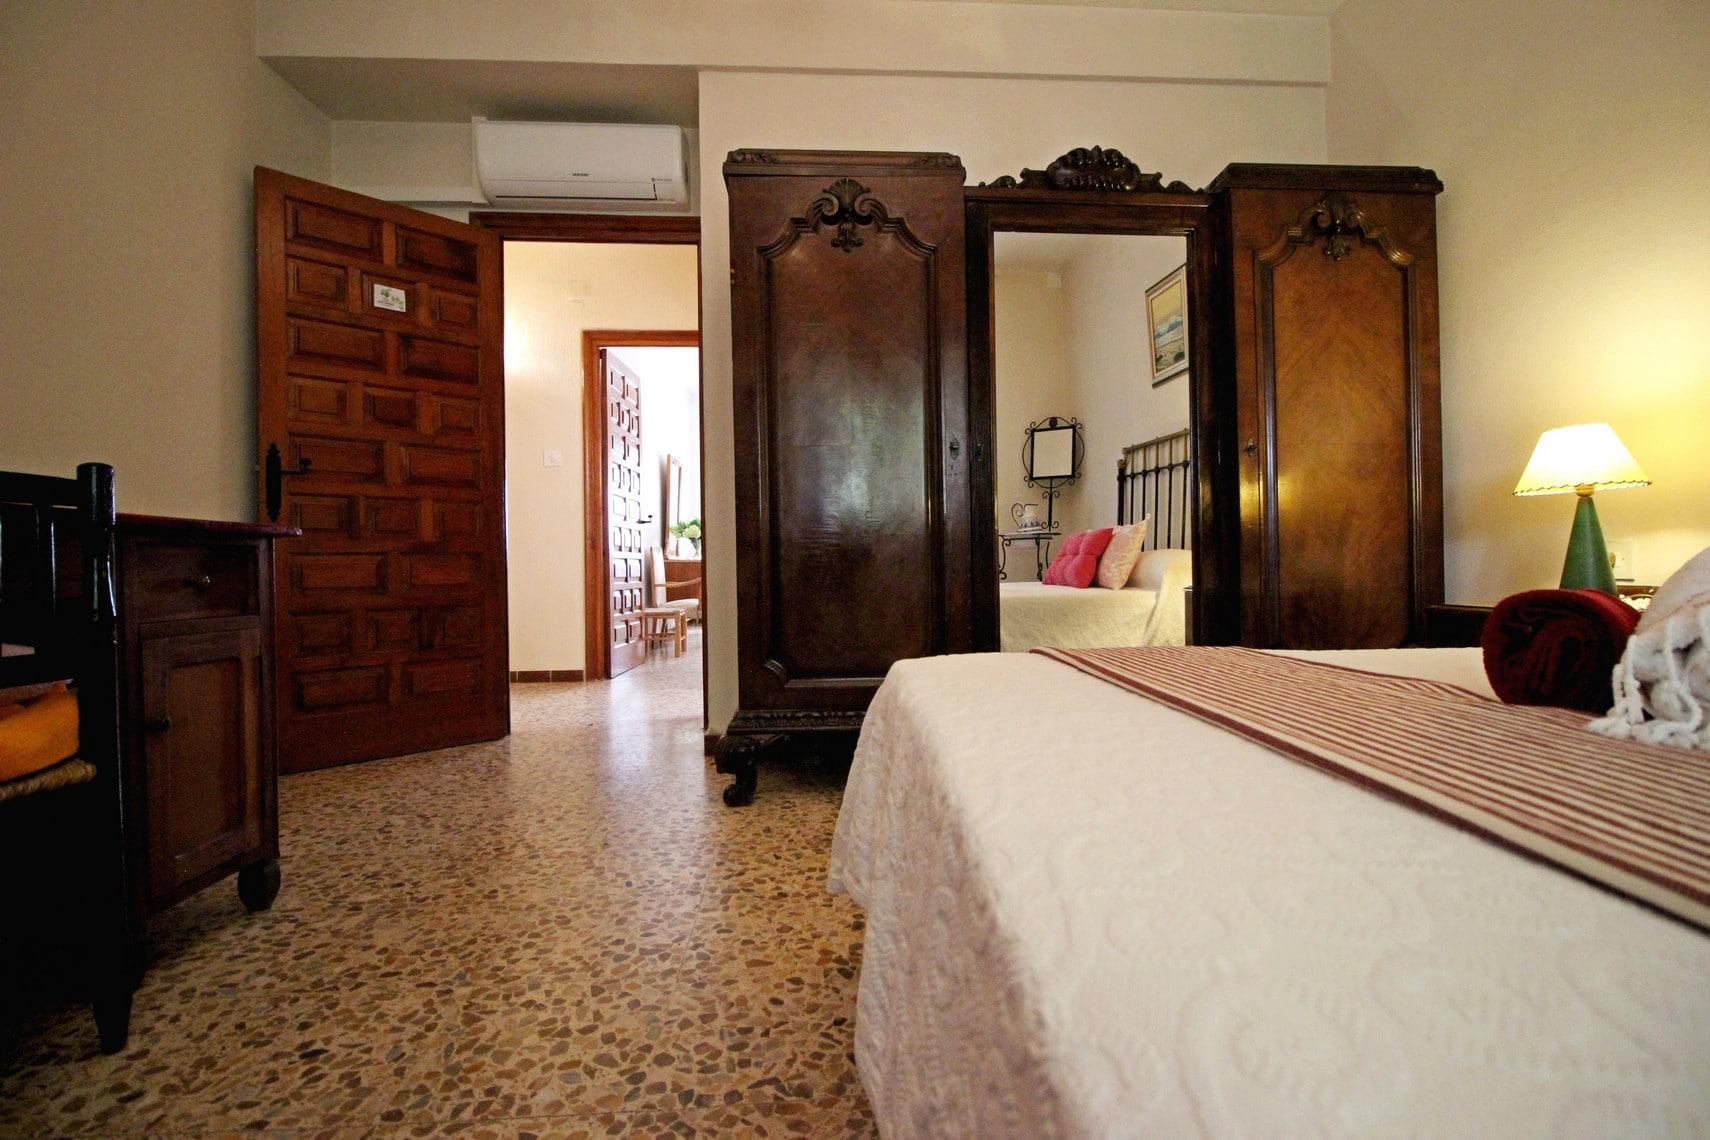 habitación5_las_hazas jarandilla012